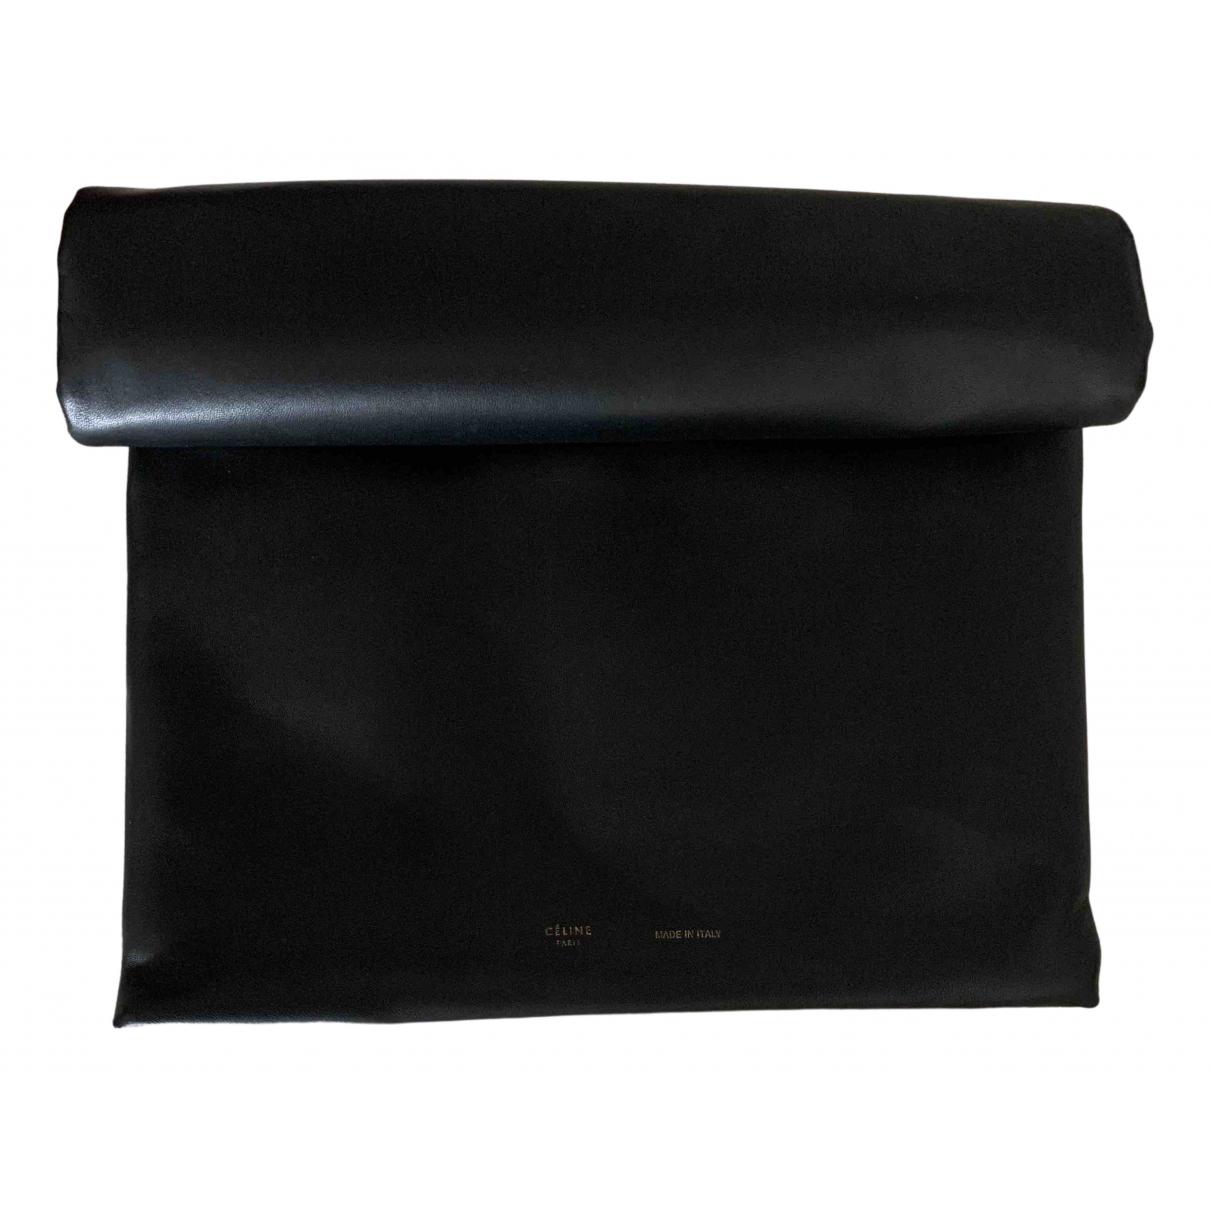 Celine - Pochette   pour femme en cuir - noir